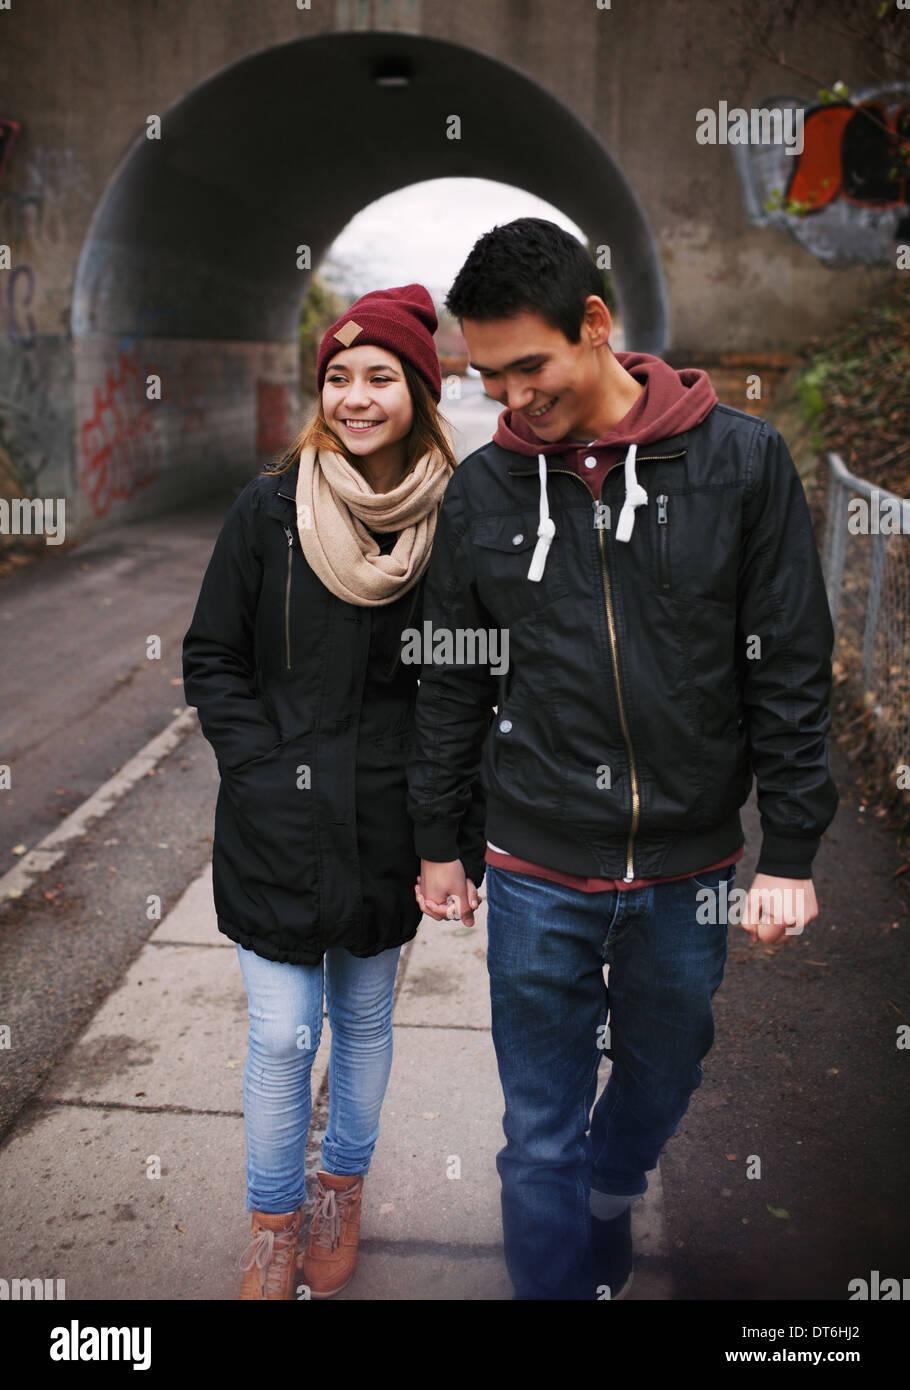 Junges Liebespaar zu Fuß auf einer Straße Lächeln auf den Lippen. Gemischte Rassen paar zu Fuß auf dem Bürgersteig. Stockbild